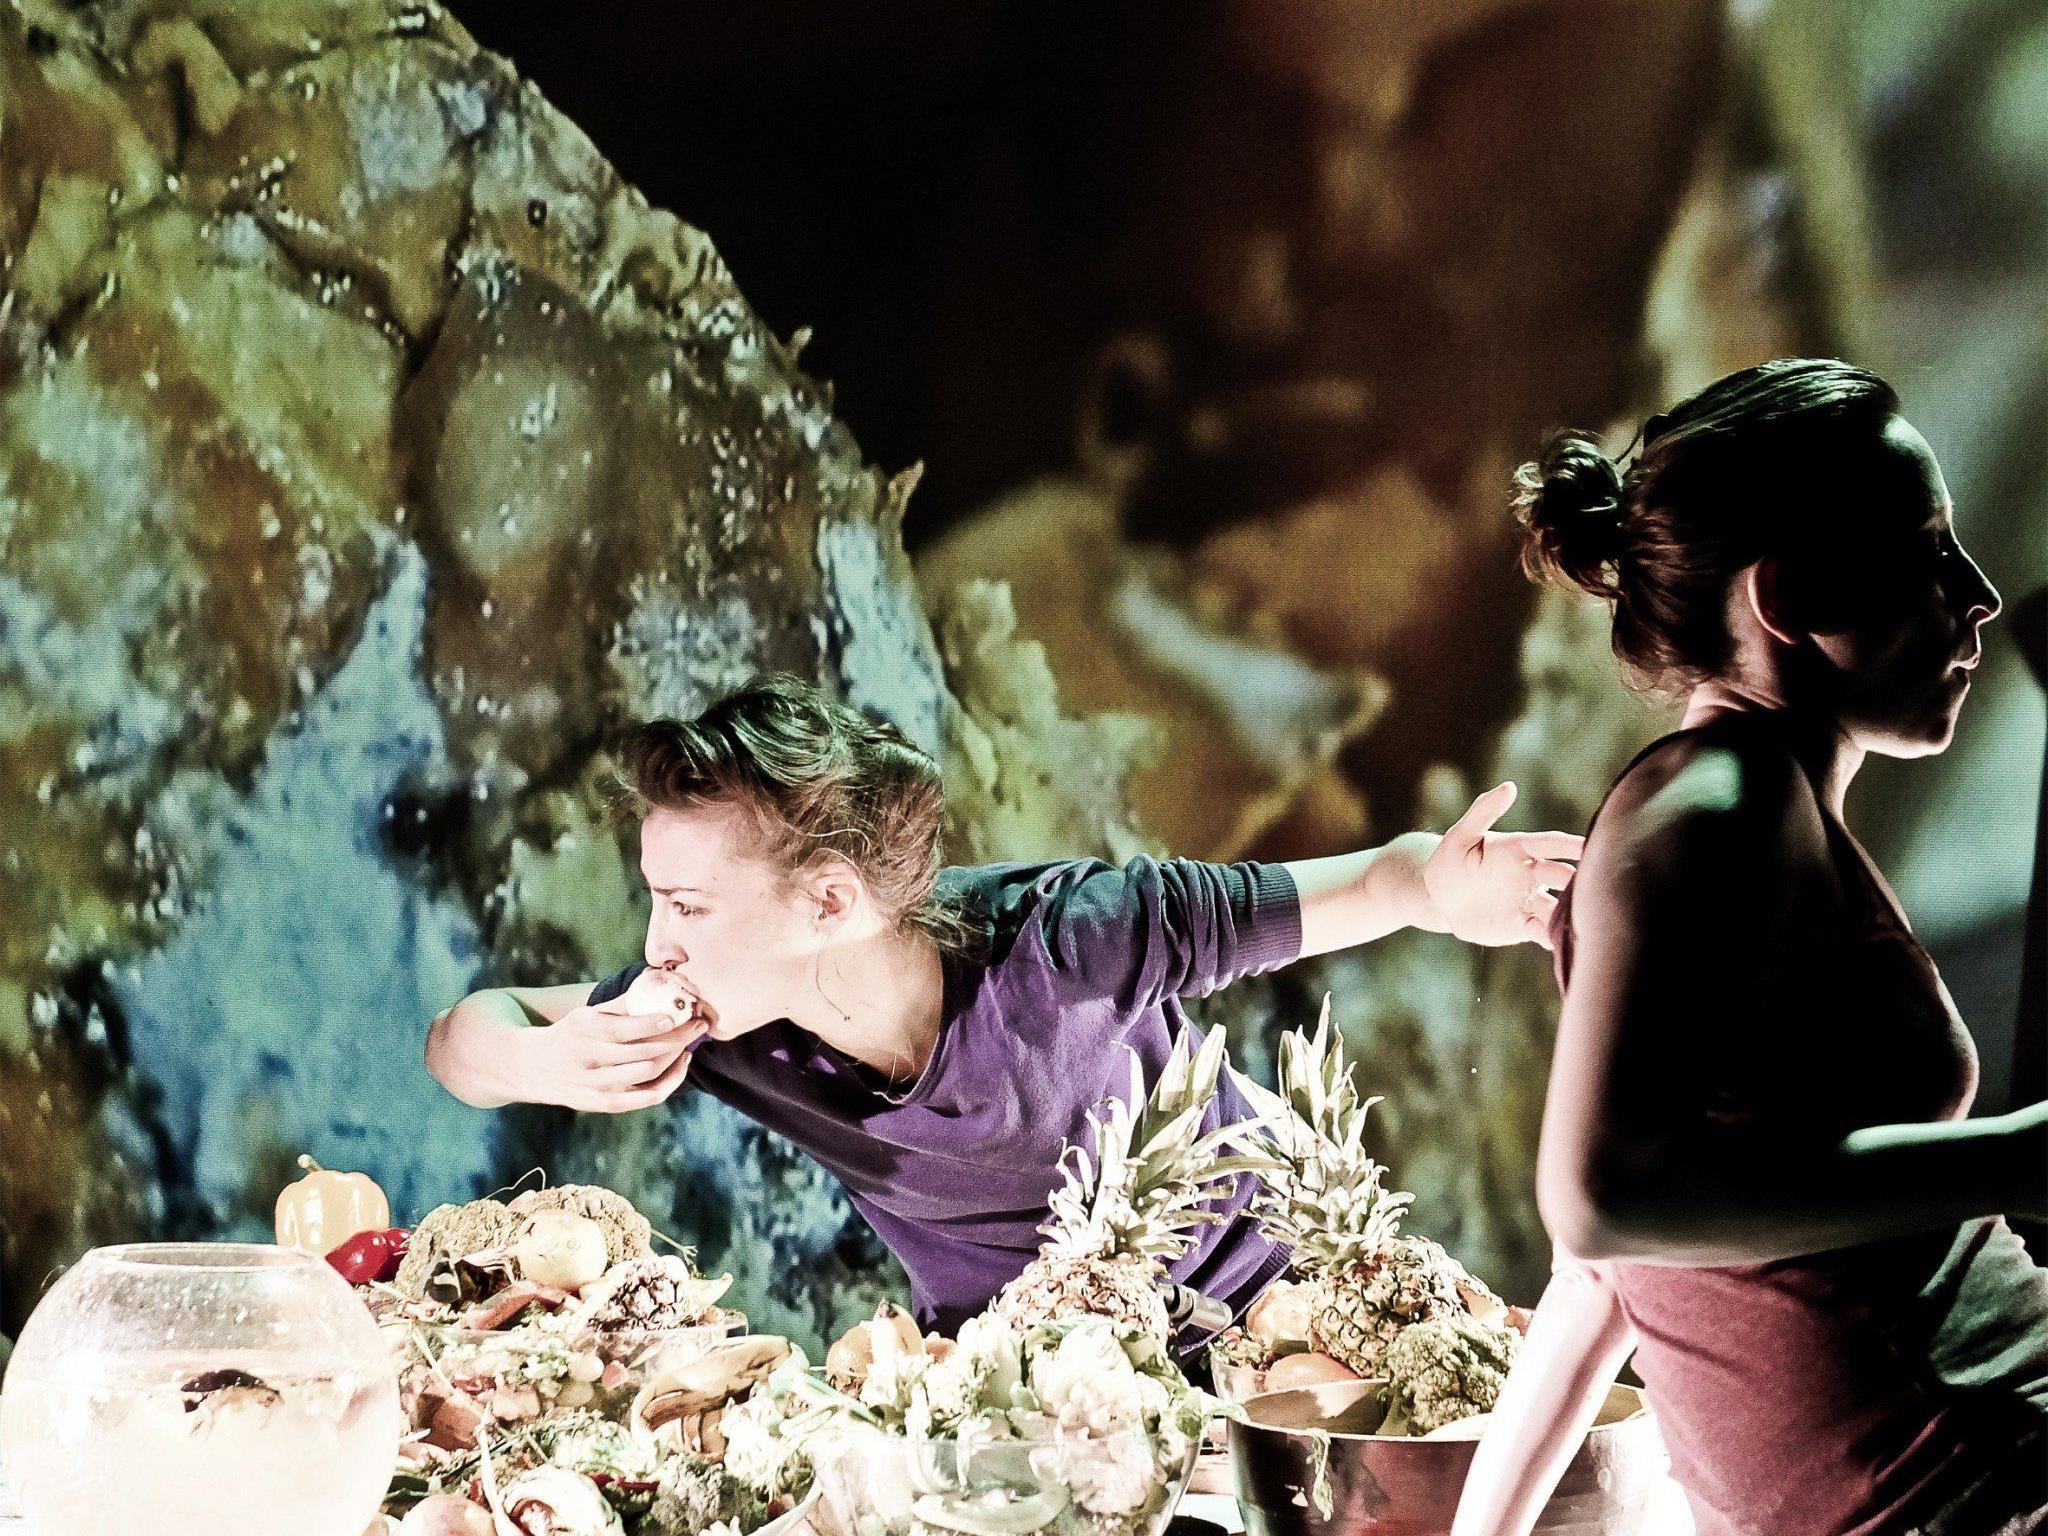 Deep Dish ist ein weiterer Teil der The Perfect Garden Serie von Liquid Loft mit dem bildenden Künstler Michel Blazy.